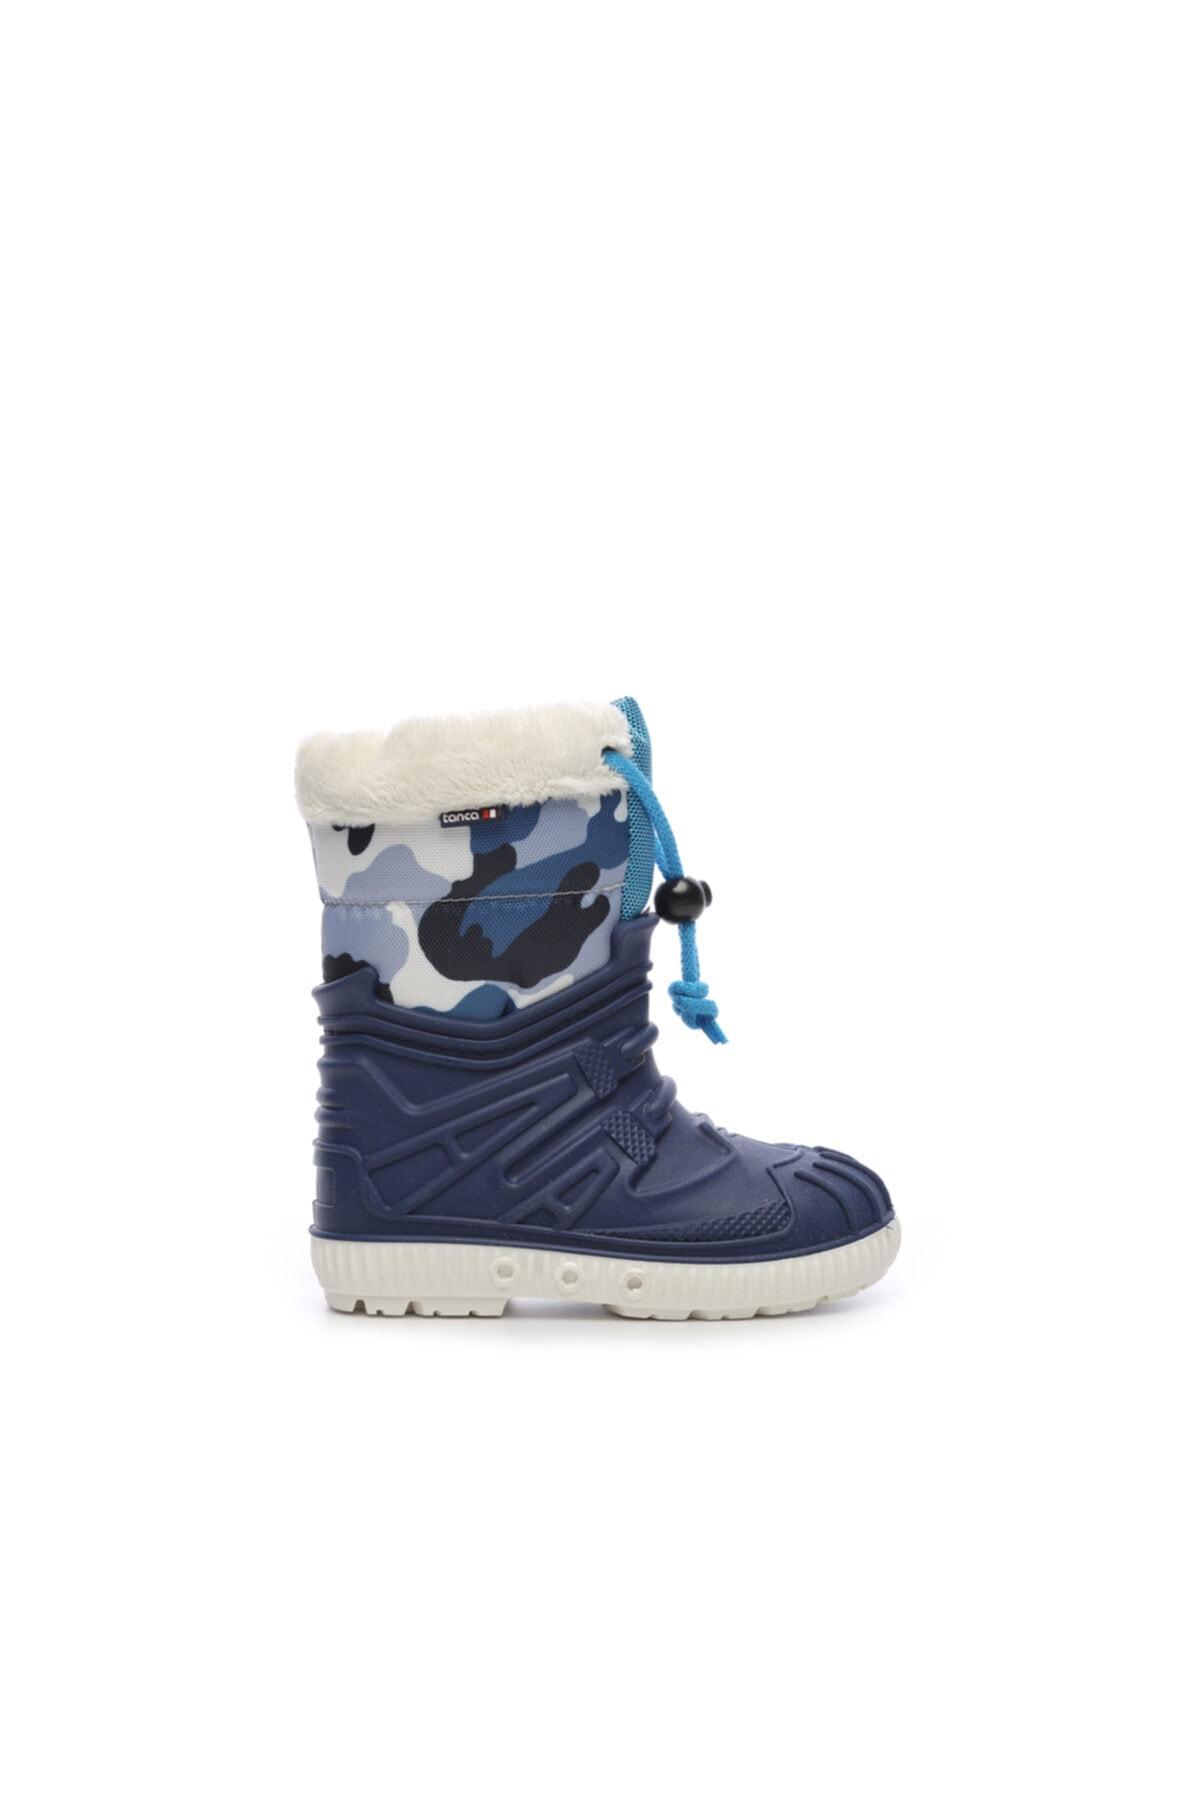 Mavi Çocuk Pvc Yağmur Çizmesi Çizme 104 1633 UNI CZM 24-34